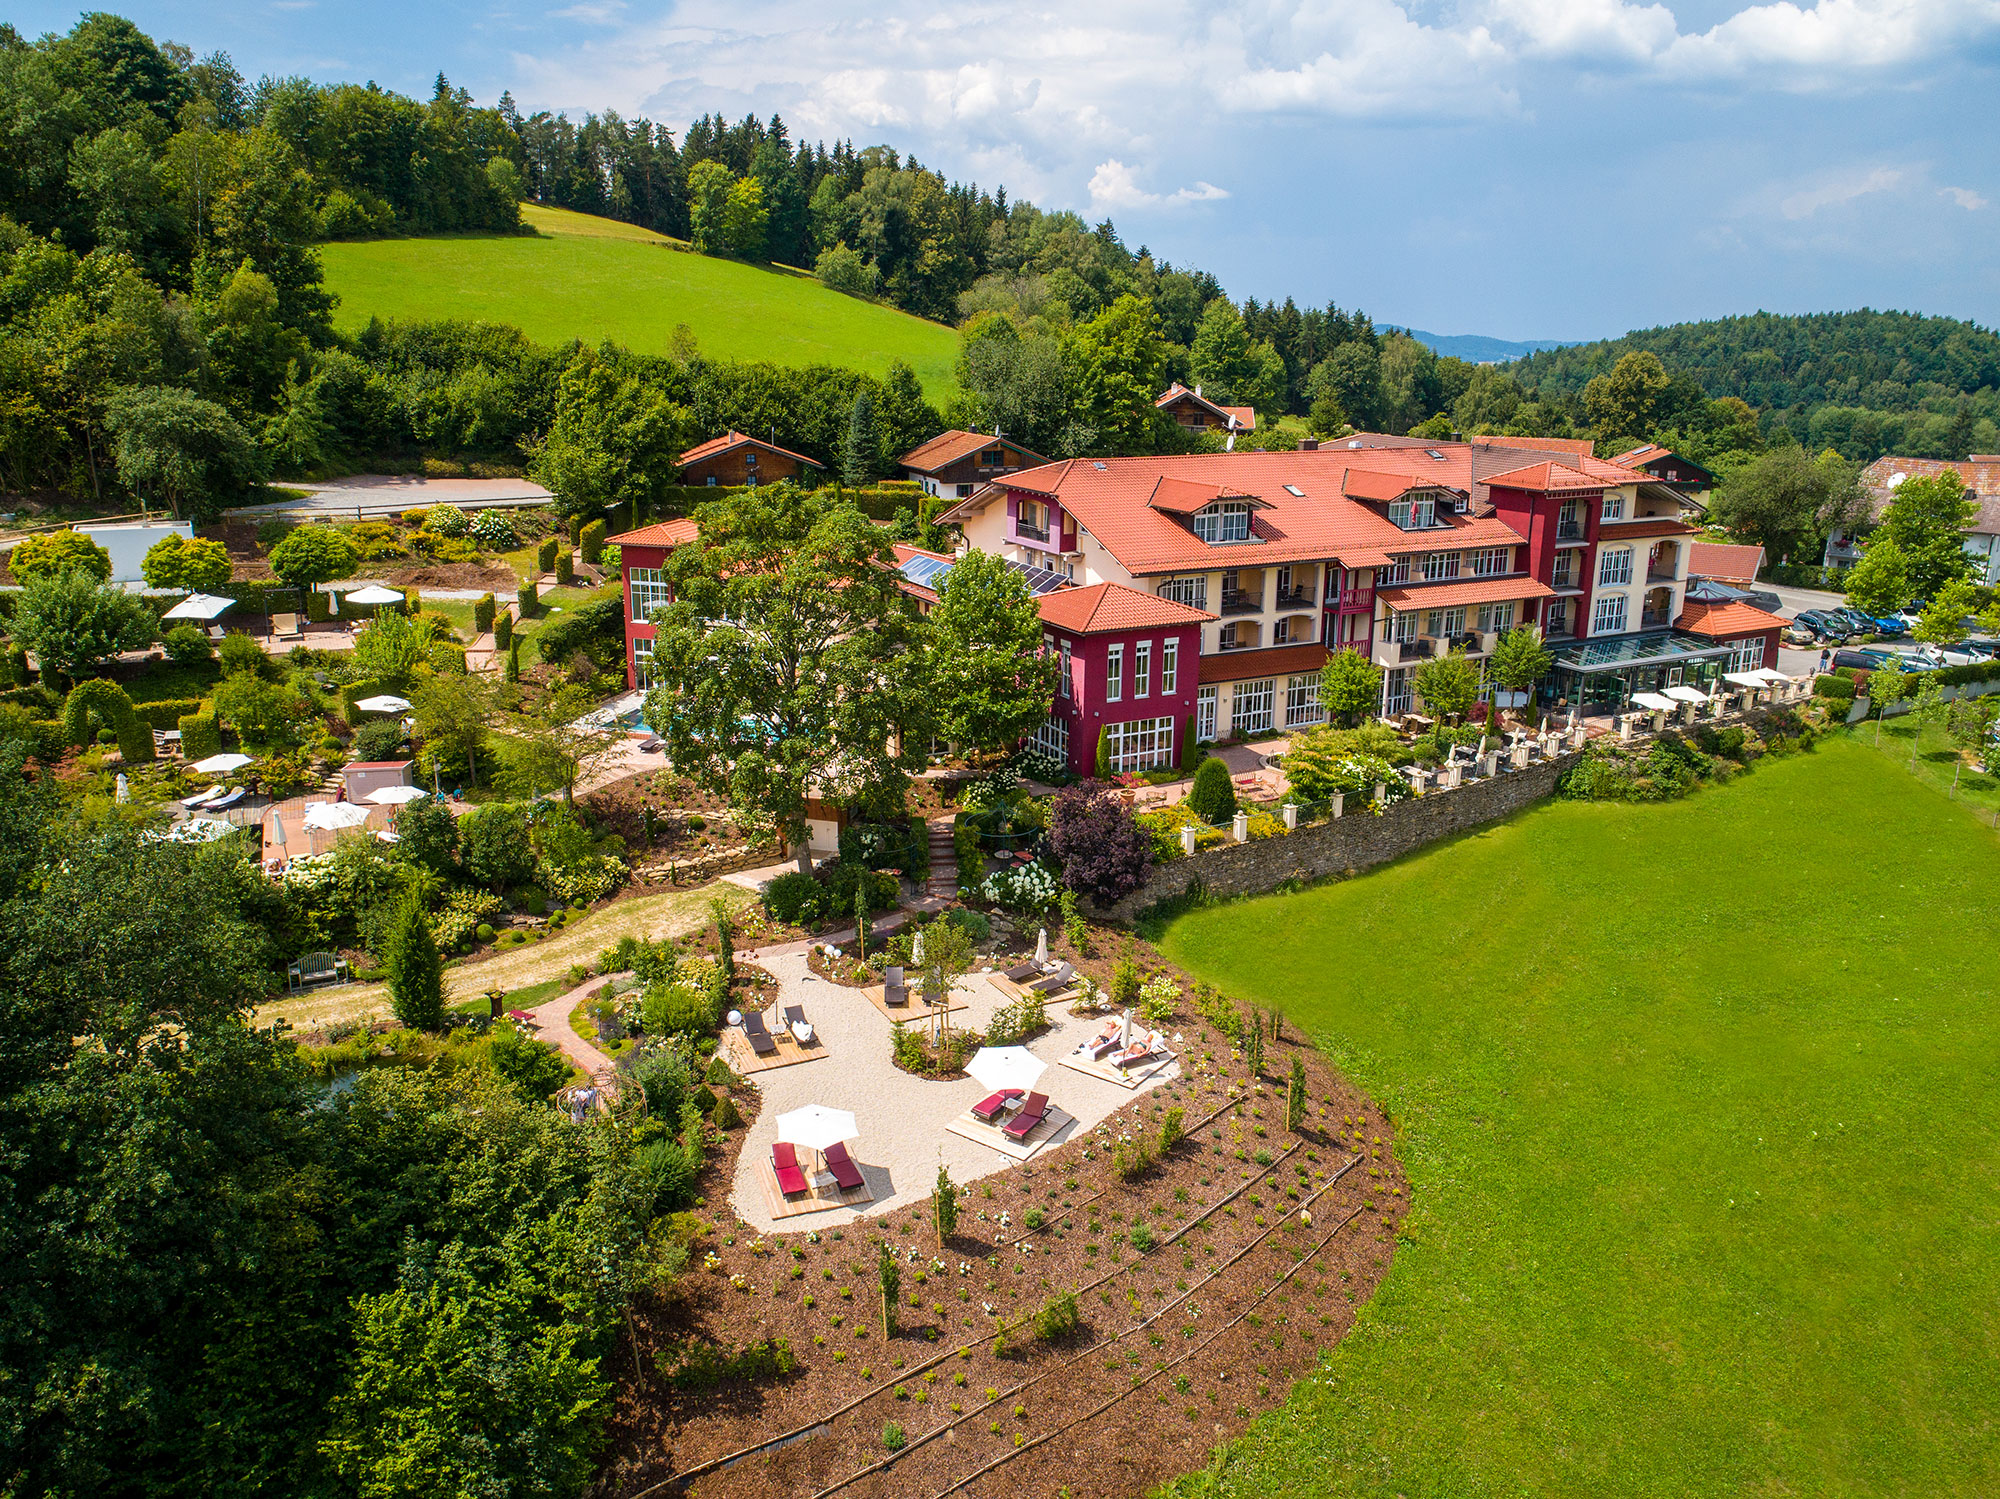 Die Lage des Burghotels Sterr im Kleinod Neunußberg verspricht Ruhe in einzigartiger Naturlandschaft mit Weitblicken auf die Berge des Bayerischen Waldes.